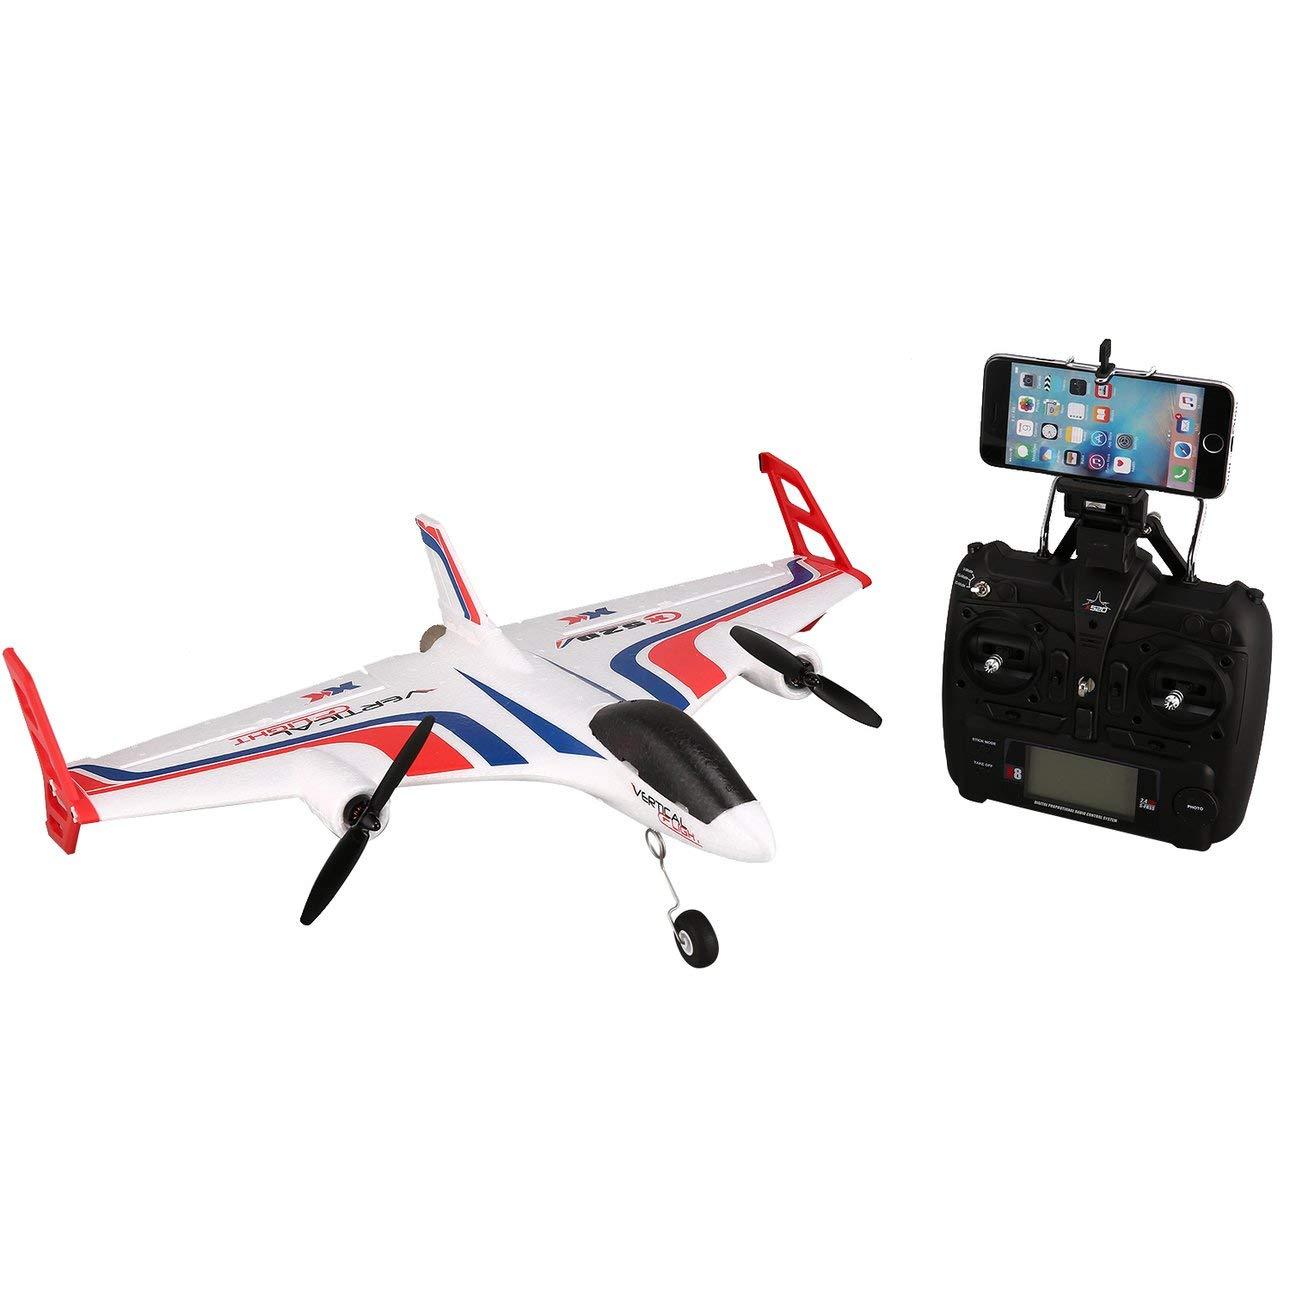 Ballylelly Drone RC con cameraXK X520 6CH 3D   6G Airplane VTOL Decollo verdeicale Land Delta Wing Brushless RC Drone ad Ala Fissa con Interruttore Mode 720 FPV Camera